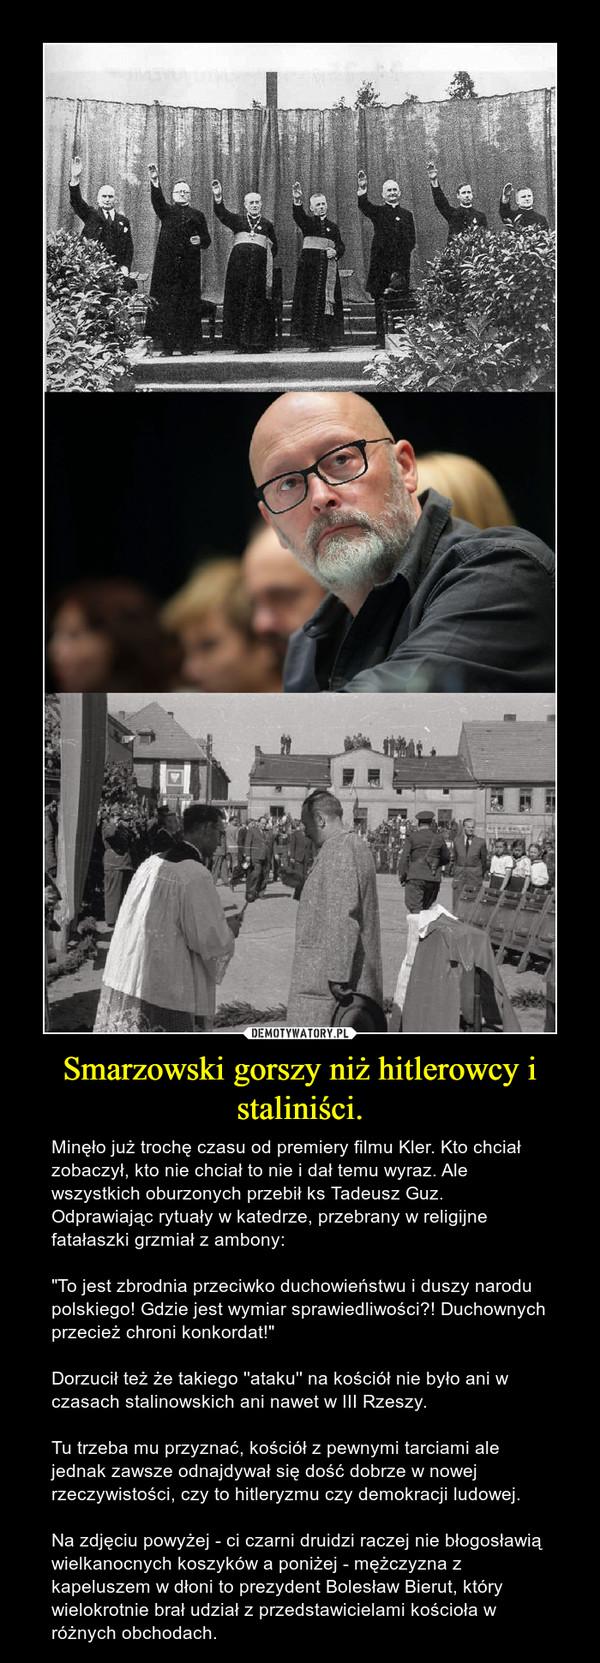 """Smarzowski gorszy niż hitlerowcy i staliniści. – Minęło już trochę czasu od premiery filmu Kler. Kto chciał zobaczył, kto nie chciał to nie i dał temu wyraz. Ale wszystkich oburzonych przebił ks Tadeusz Guz. Odprawiając rytuały w katedrze, przebrany w religijne fatałaszki grzmiał z ambony:""""To jest zbrodnia przeciwko duchowieństwu i duszy narodu polskiego! Gdzie jest wymiar sprawiedliwości?! Duchownych przecież chroni konkordat!"""" Dorzucił też że takiego ''ataku'' na kościół nie było ani w czasach stalinowskich ani nawet w III Rzeszy.Tu trzeba mu przyznać, kościół z pewnymi tarciami ale jednak zawsze odnajdywał się dość dobrze w nowej rzeczywistości, czy to hitleryzmu czy demokracji ludowej. Na zdjęciu powyżej - ci czarni druidzi raczej nie błogosławią wielkanocnych koszyków a poniżej - mężczyzna z kapeluszem w dłoni to prezydent Bolesław Bierut, który wielokrotnie brał udział z przedstawicielami kościoła w różnych obchodach."""